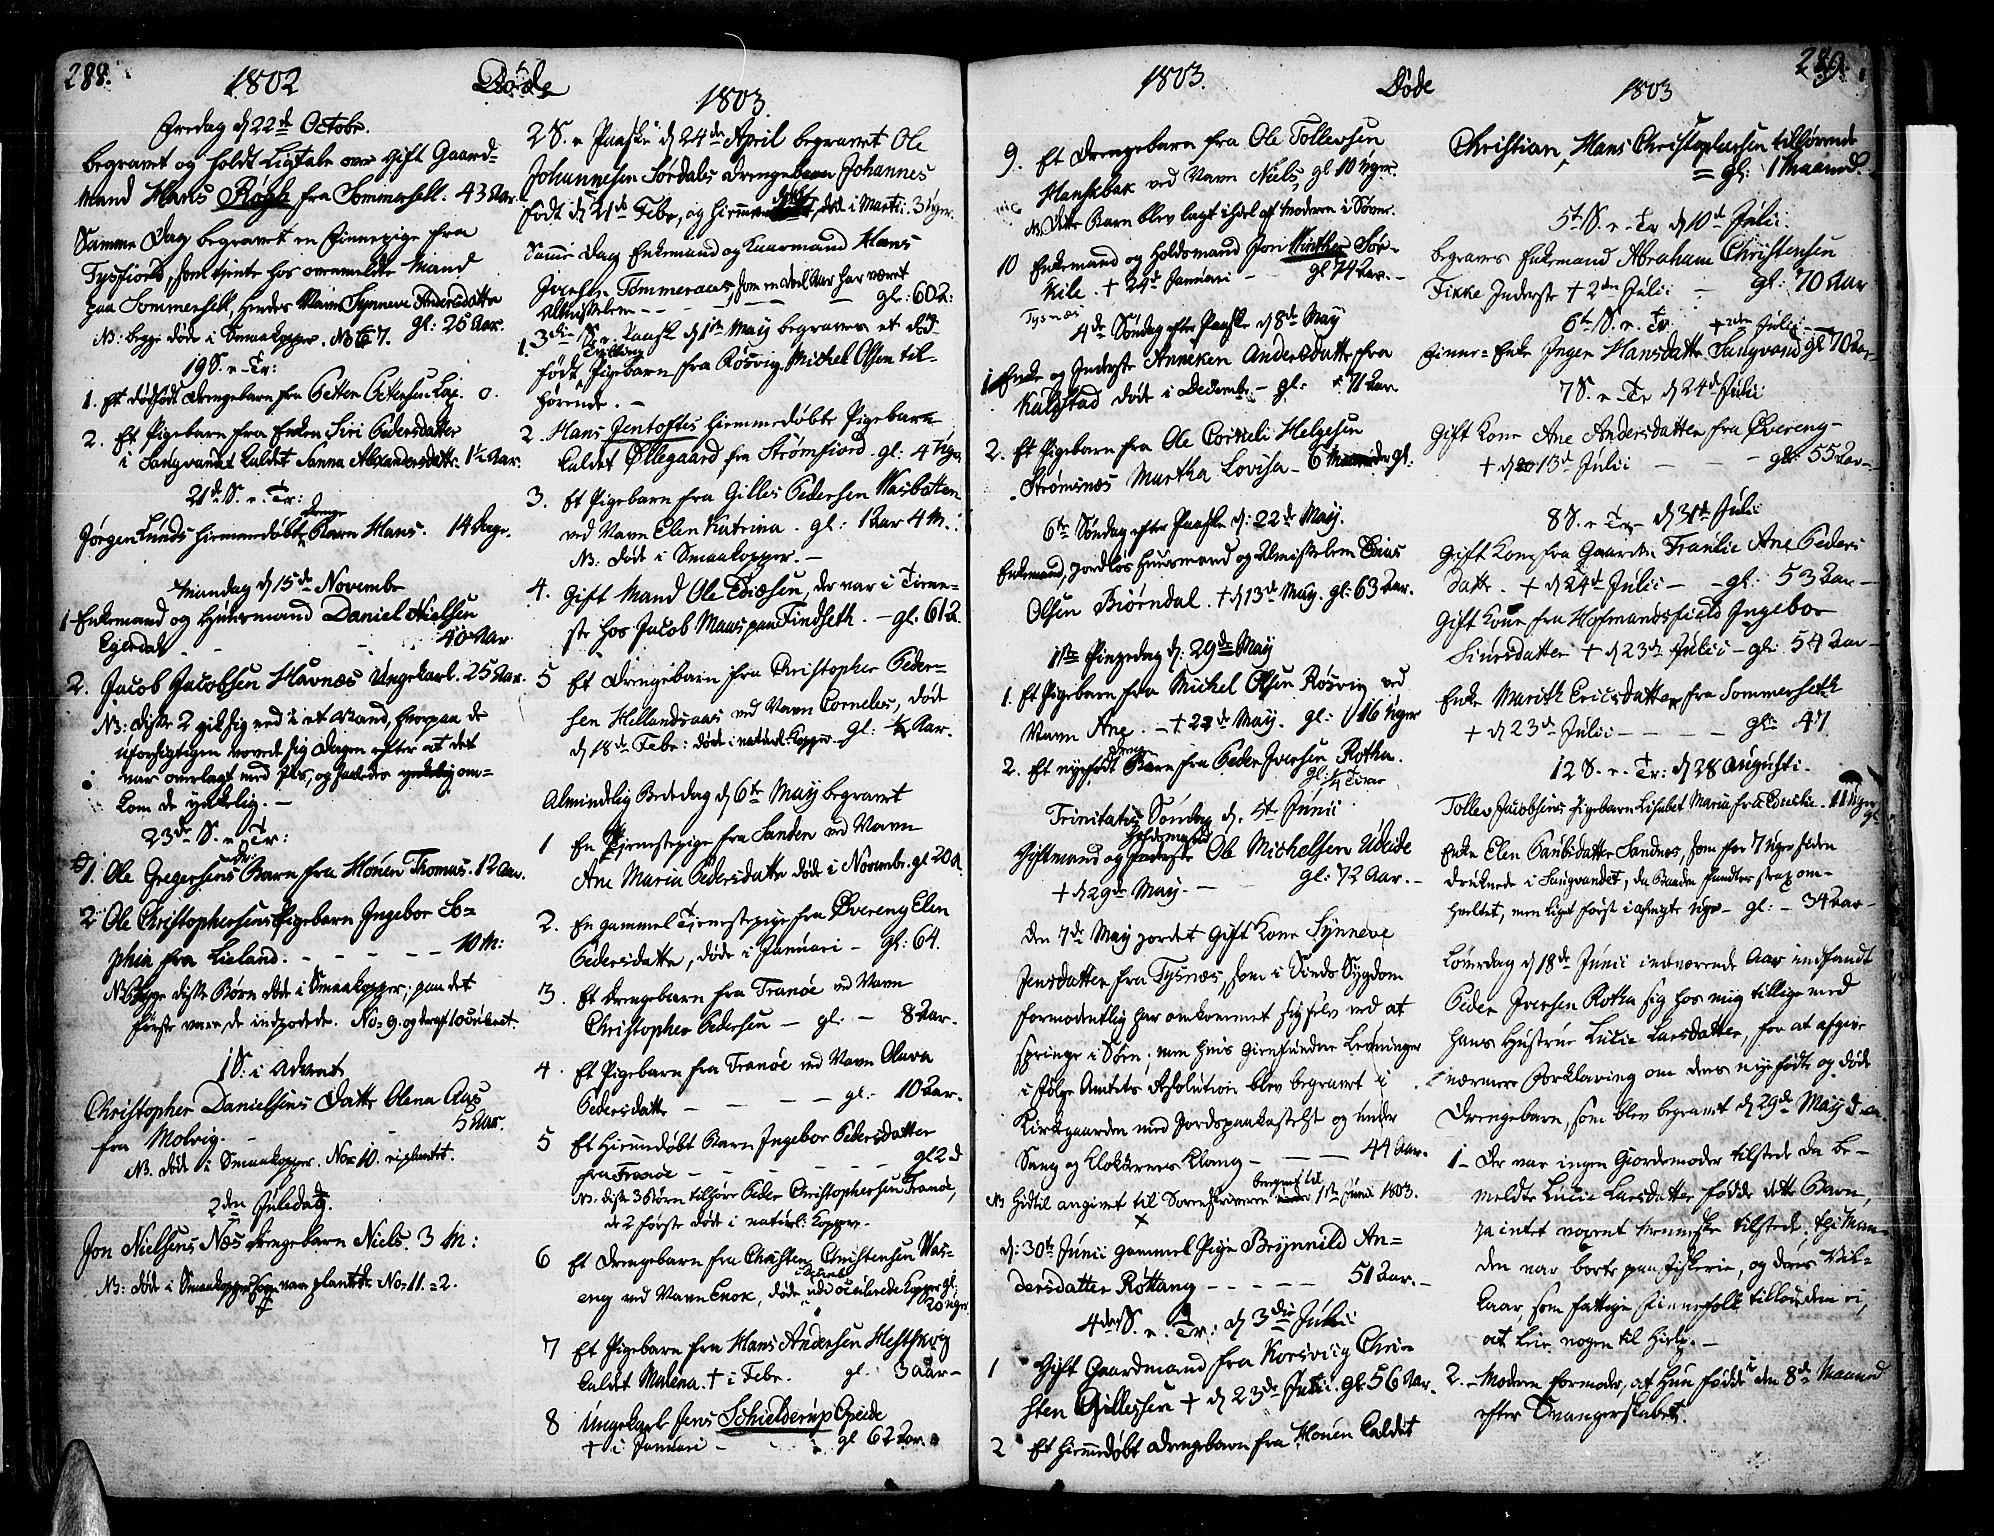 SAT, Ministerialprotokoller, klokkerbøker og fødselsregistre - Nordland, 859/L0841: Parish register (official) no. 859A01, 1766-1821, p. 288-289